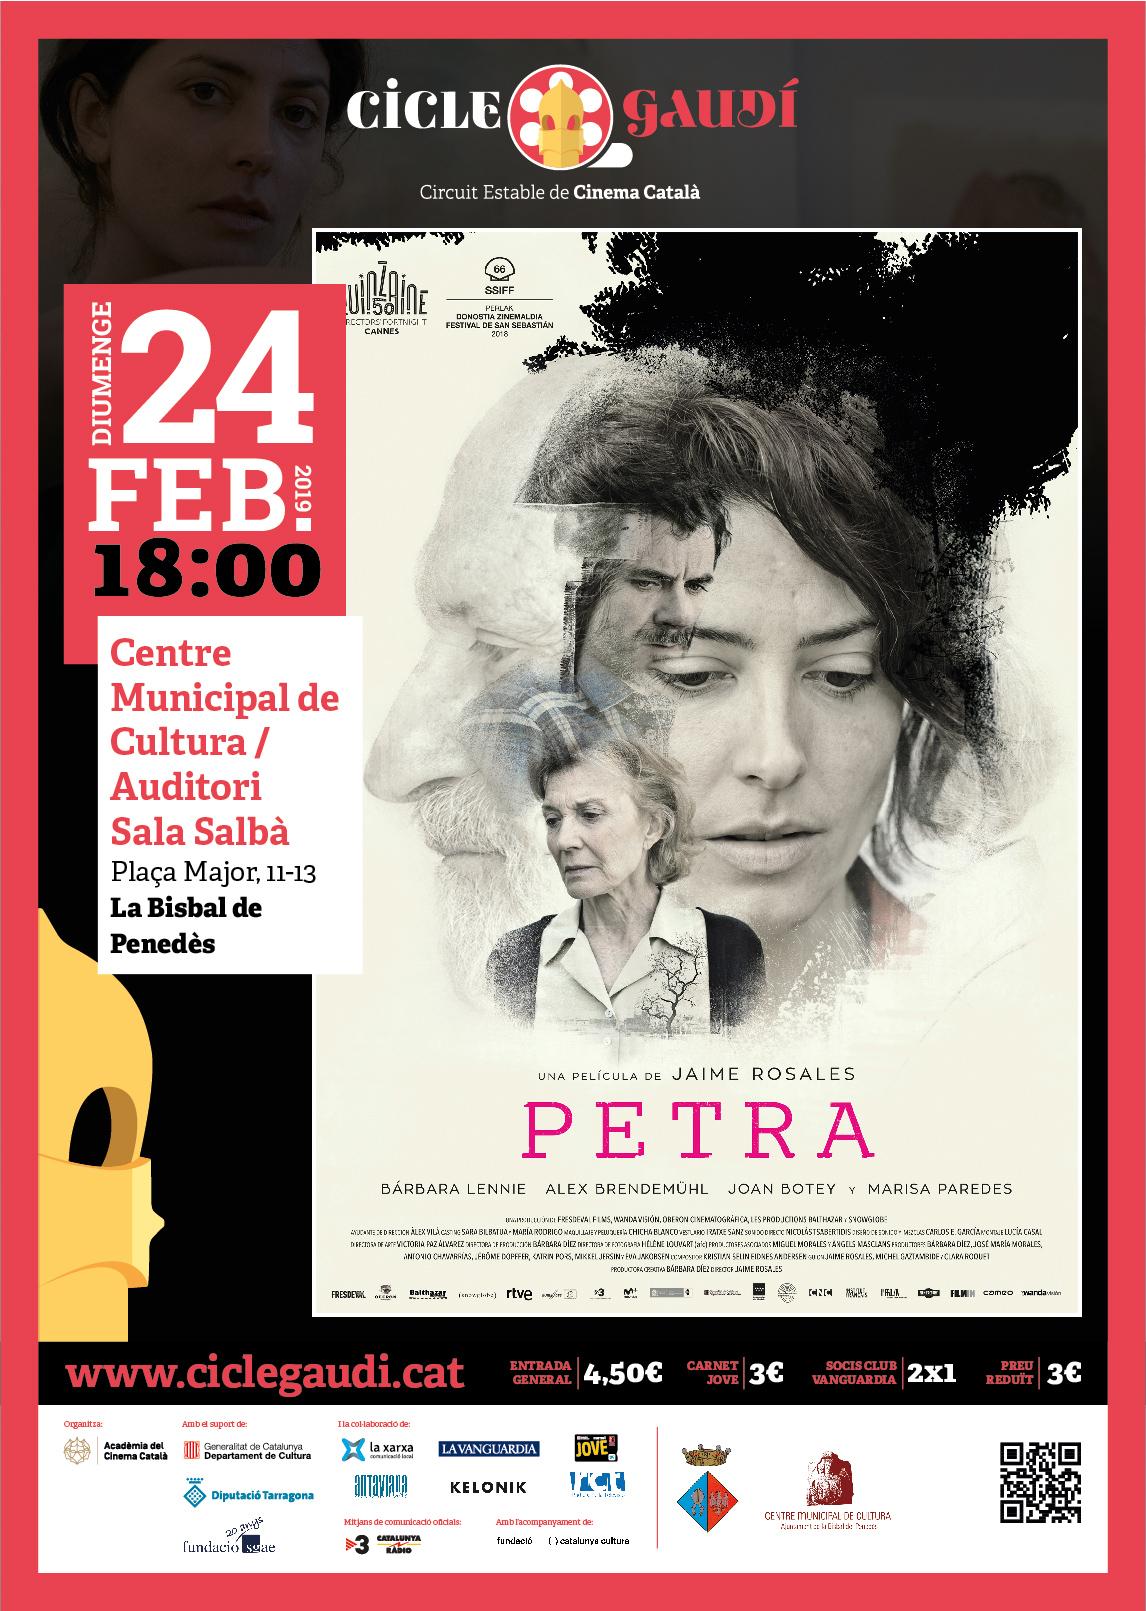 El diumenge 24 de febrer 18h podreu veure 'Petra' al CMC en el marc del Cicle Gaudí